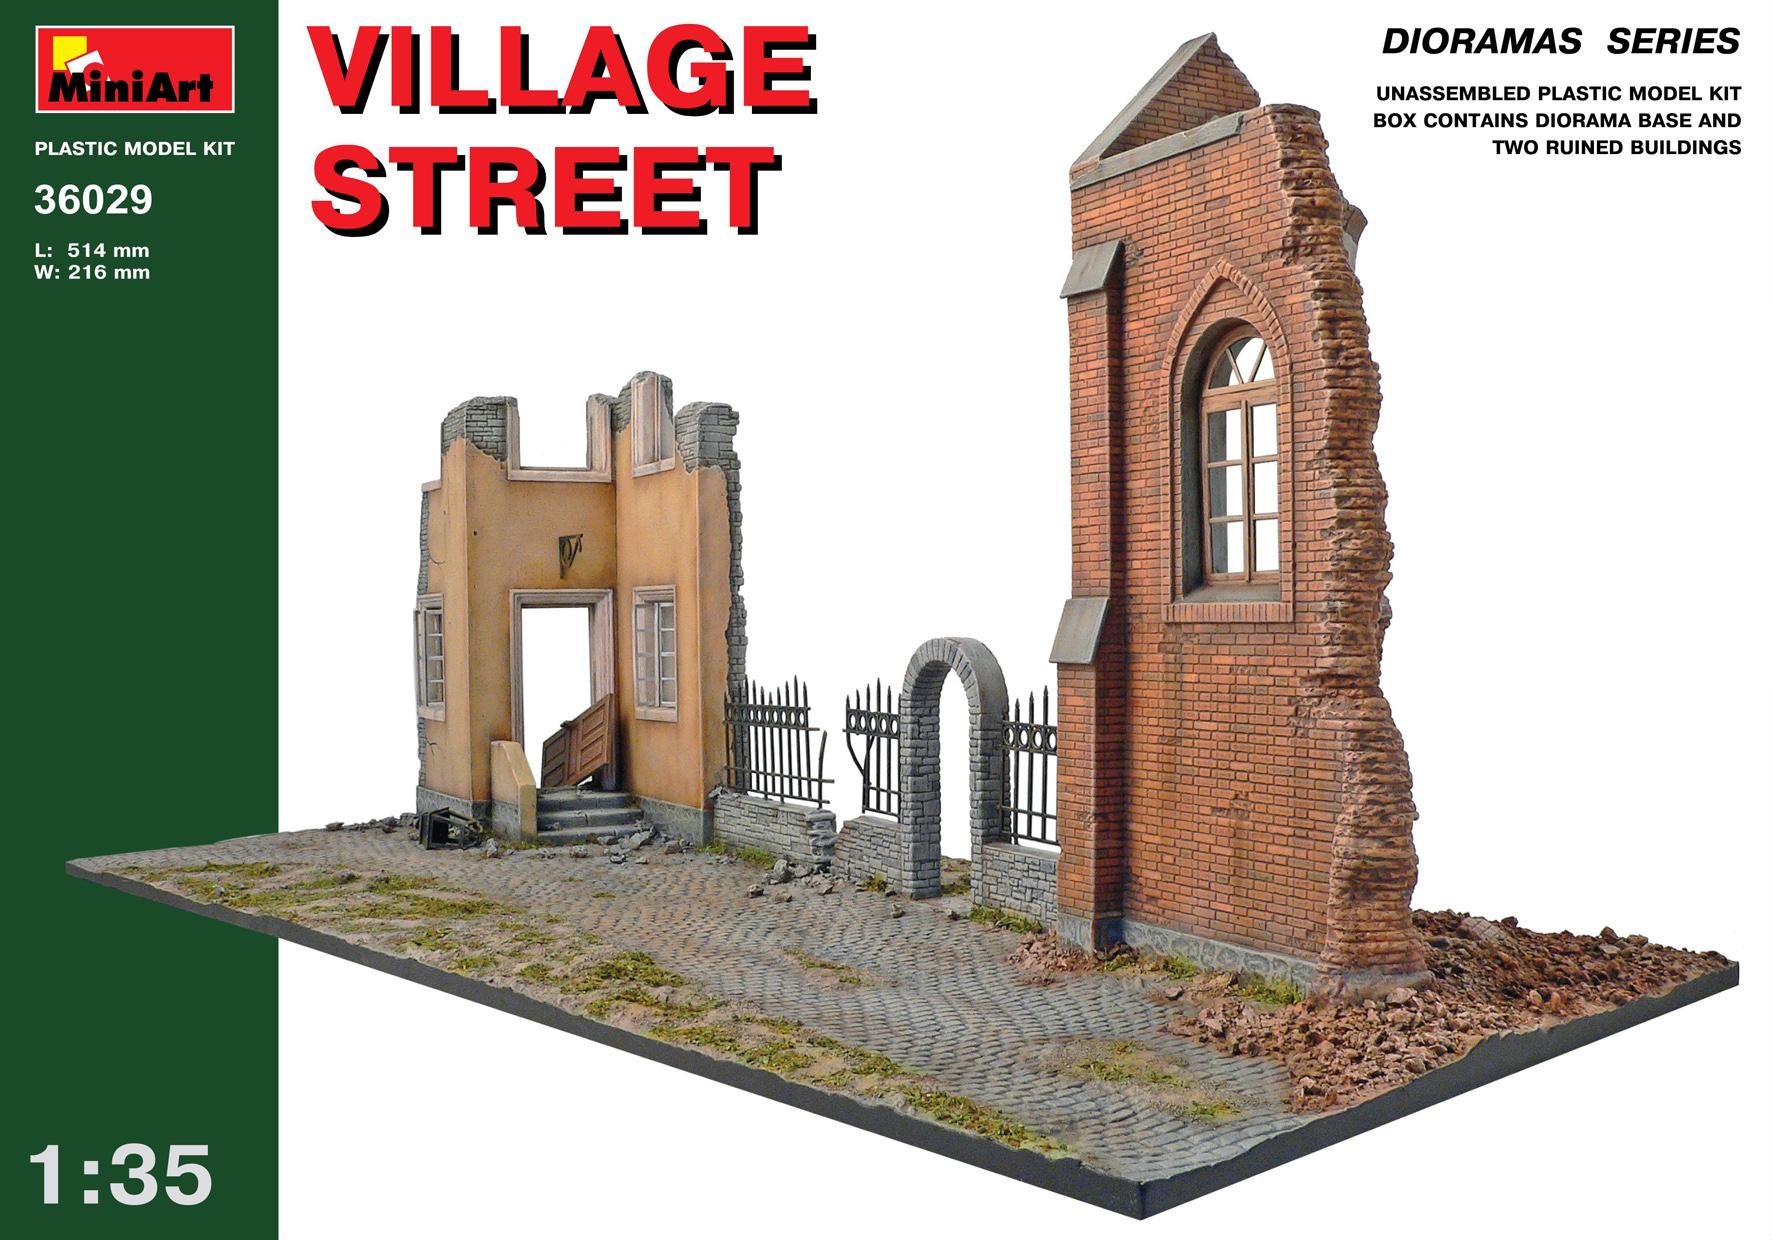 36029 VILLAGE STREET